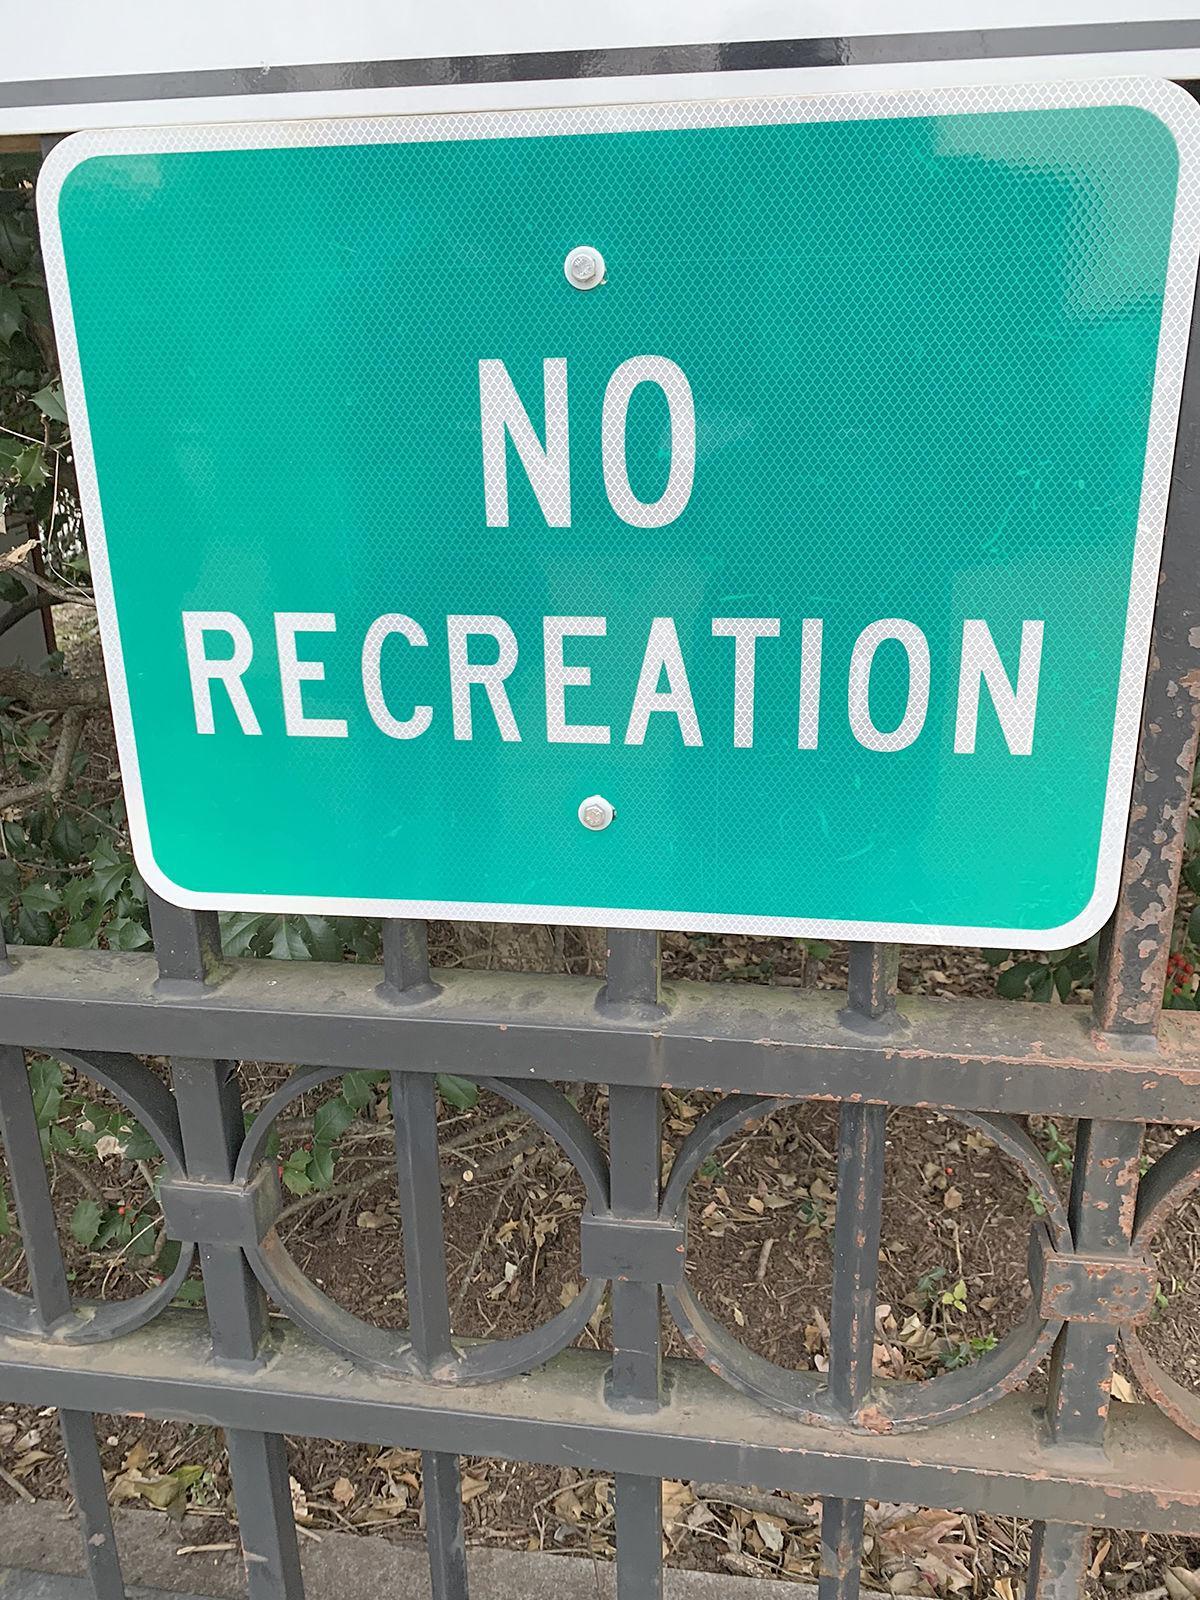 No recreation